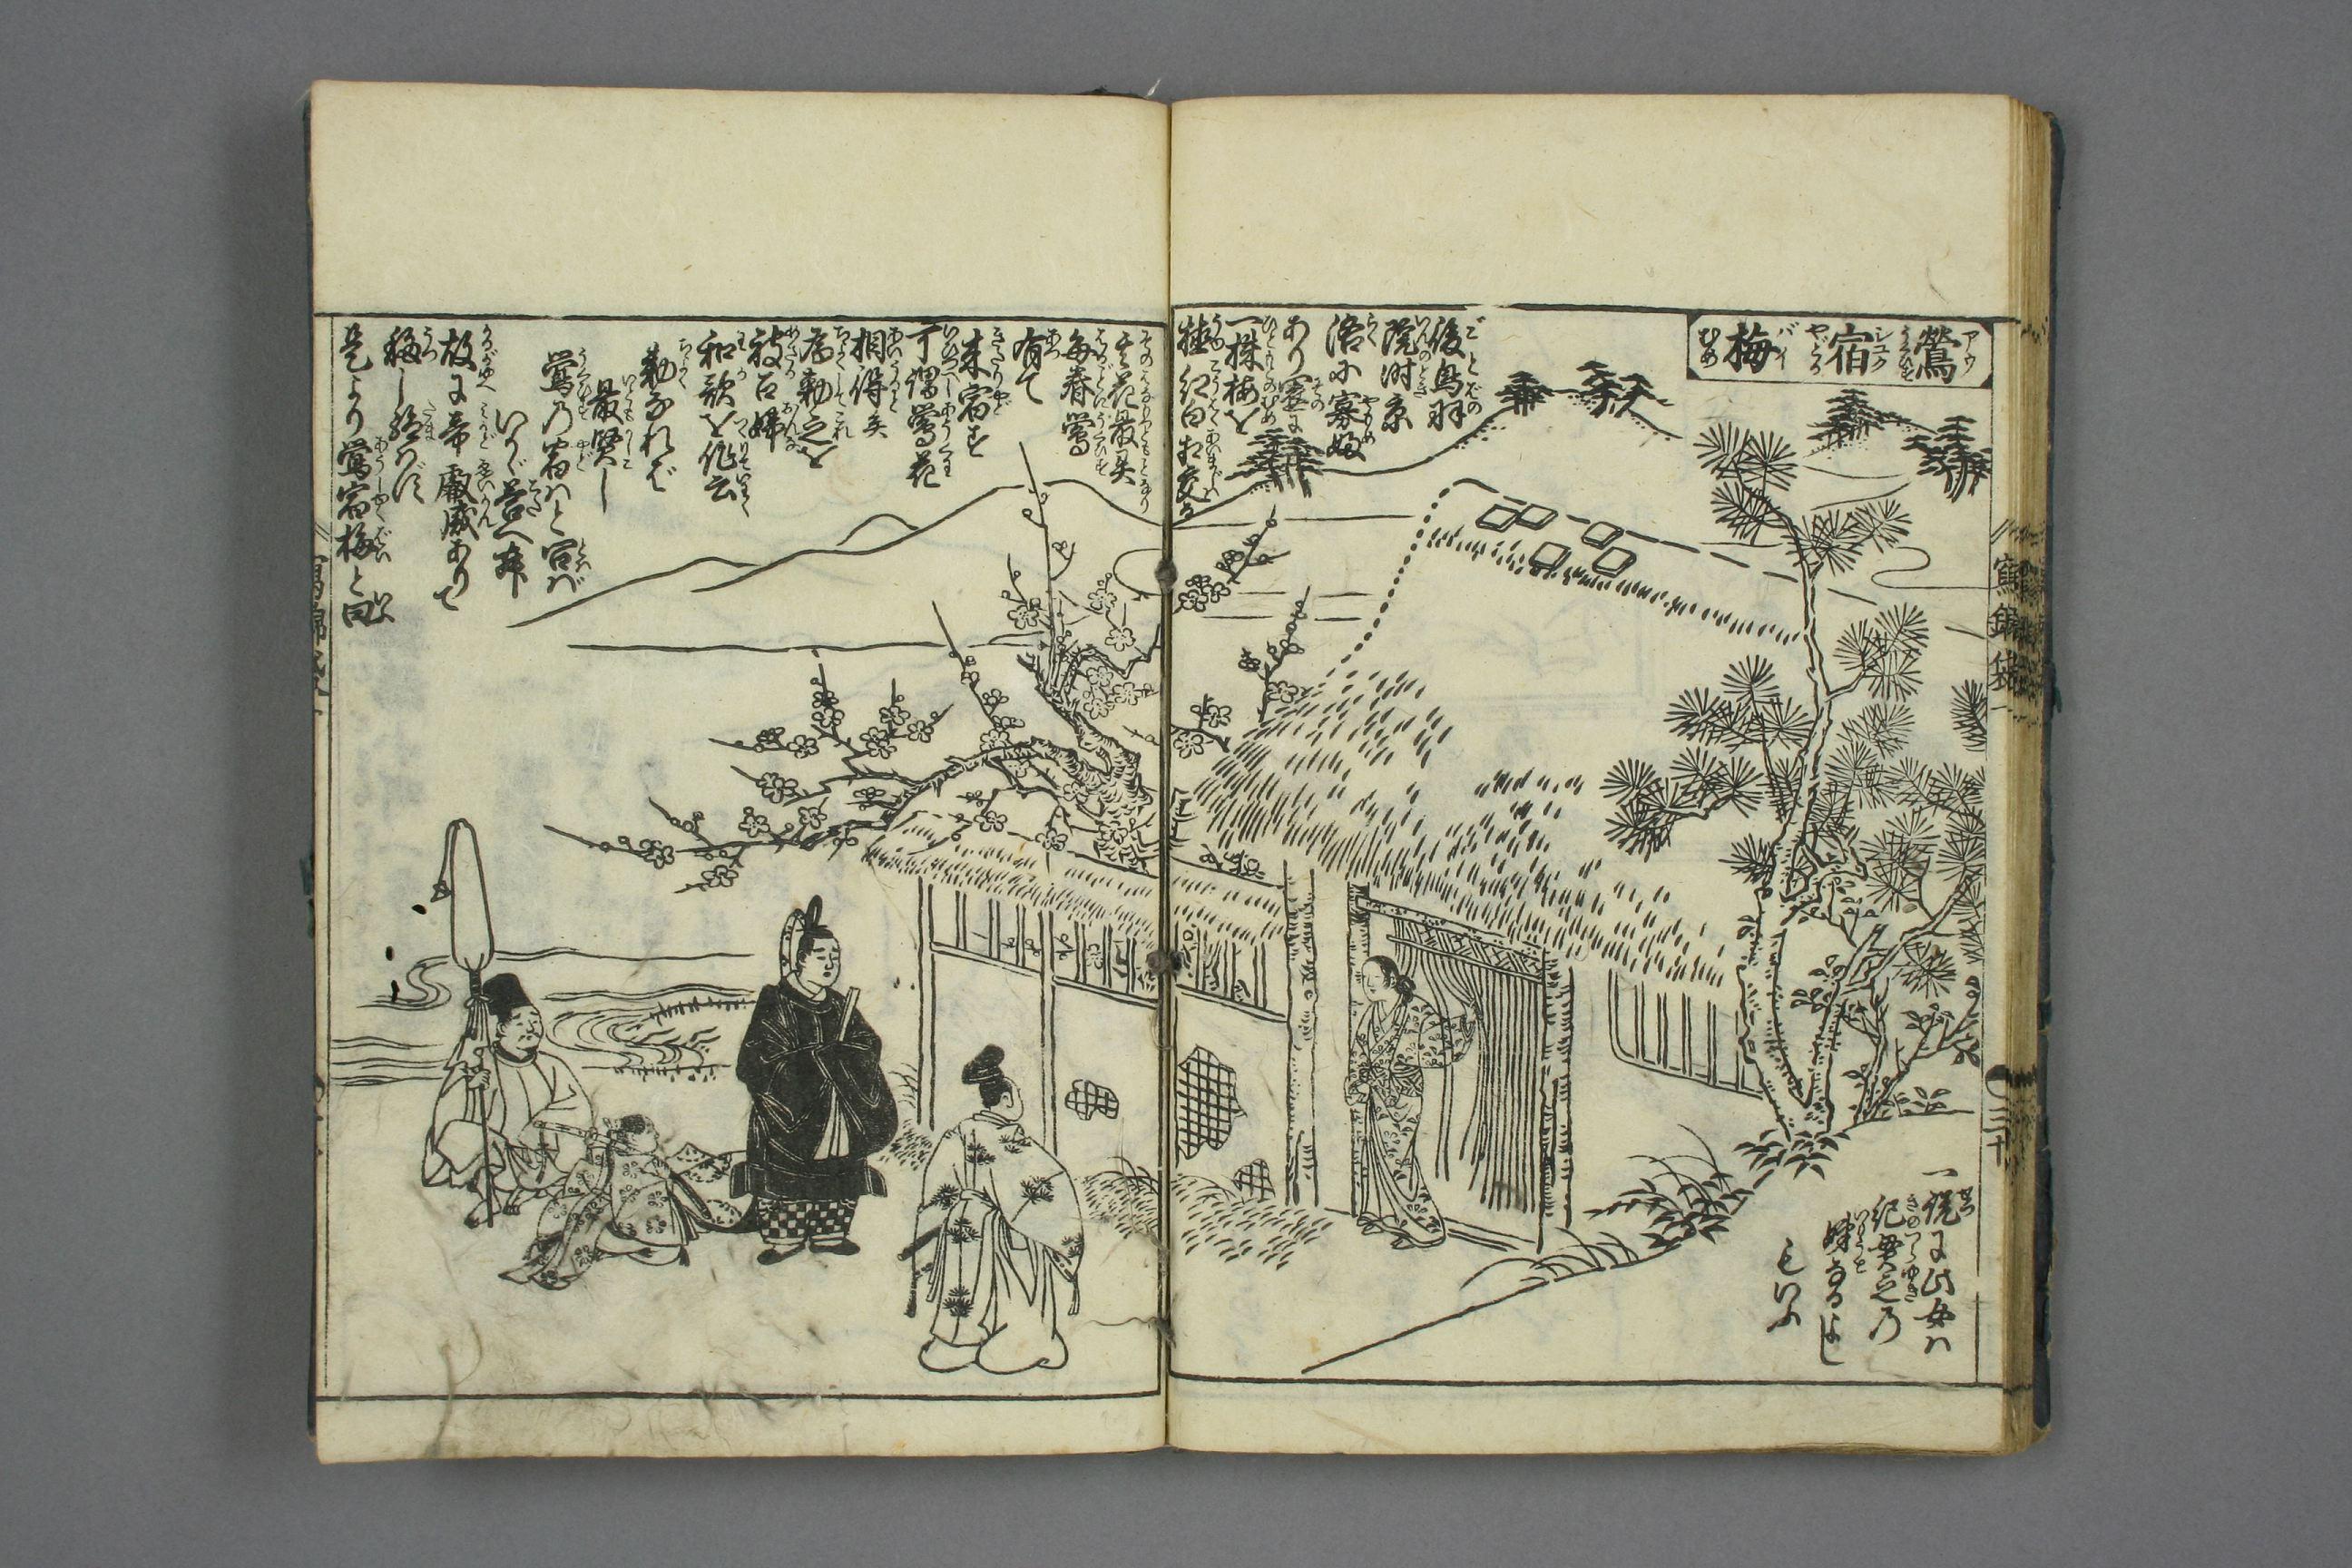 http://archive.wul.waseda.ac.jp/kosho/bunko06/bunko06_01293/bunko06_01293_0001/bunko06_01293_0001_p0031.jpg